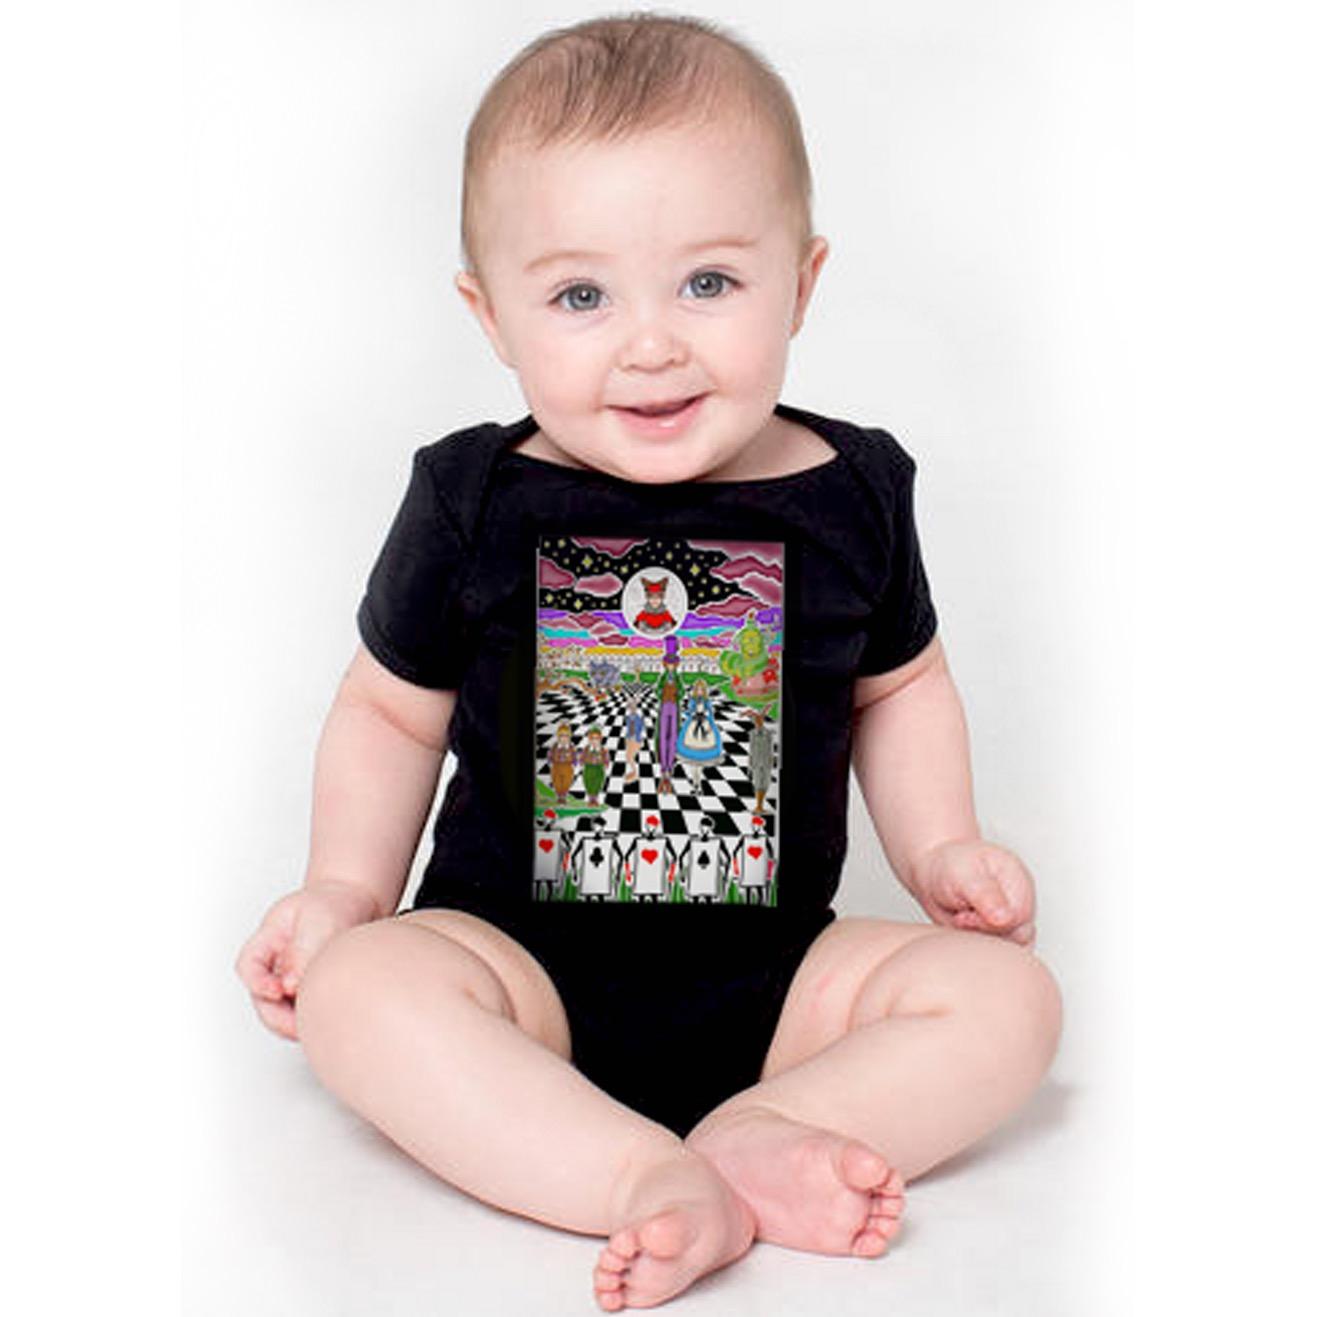 Baby-Onesie copy 18.jpg